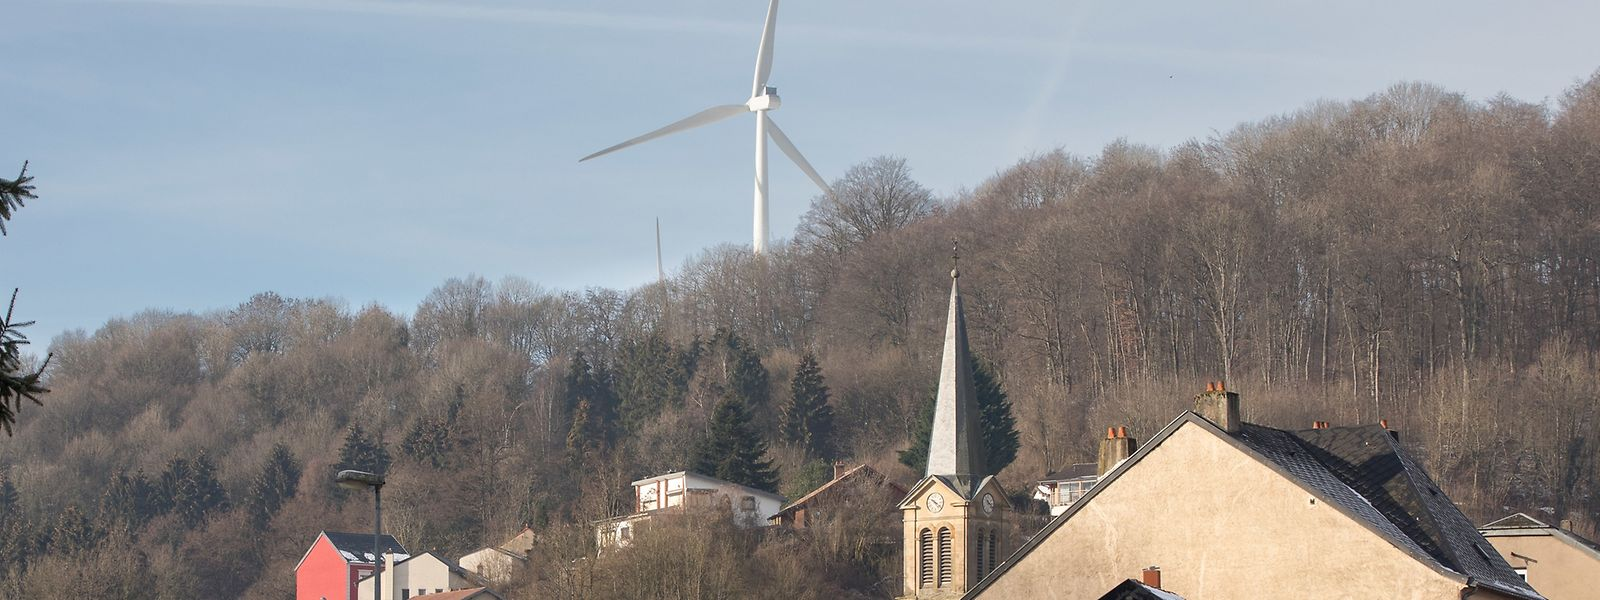 Im französischen Ottange wurden etwa zwei Kilometer von der Grenze entfernt, ein Windpark errichtet.